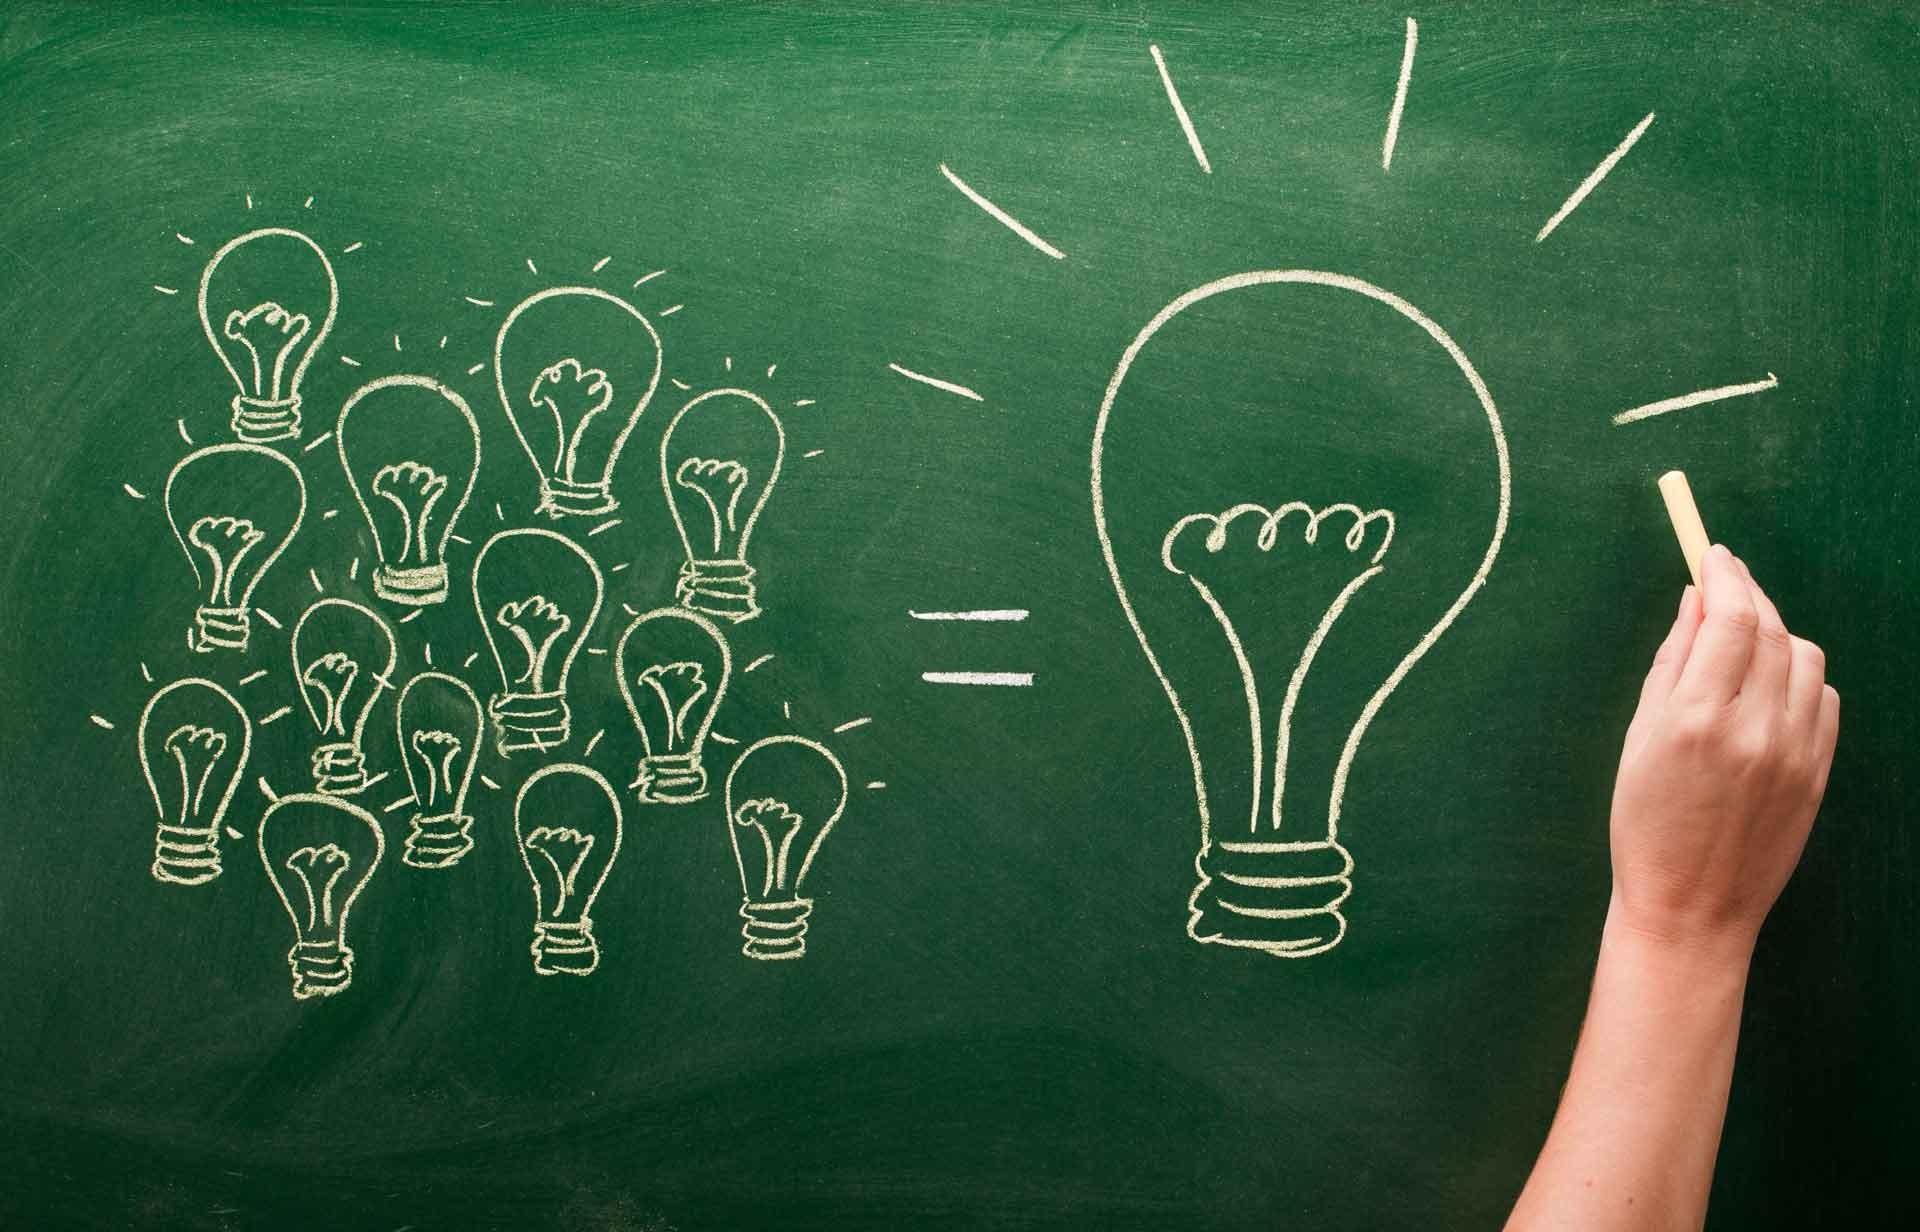 طوفان فکری و شکل گیری اقدامات عملیاتی در طرح توسعه کسب و کار | پرگاس